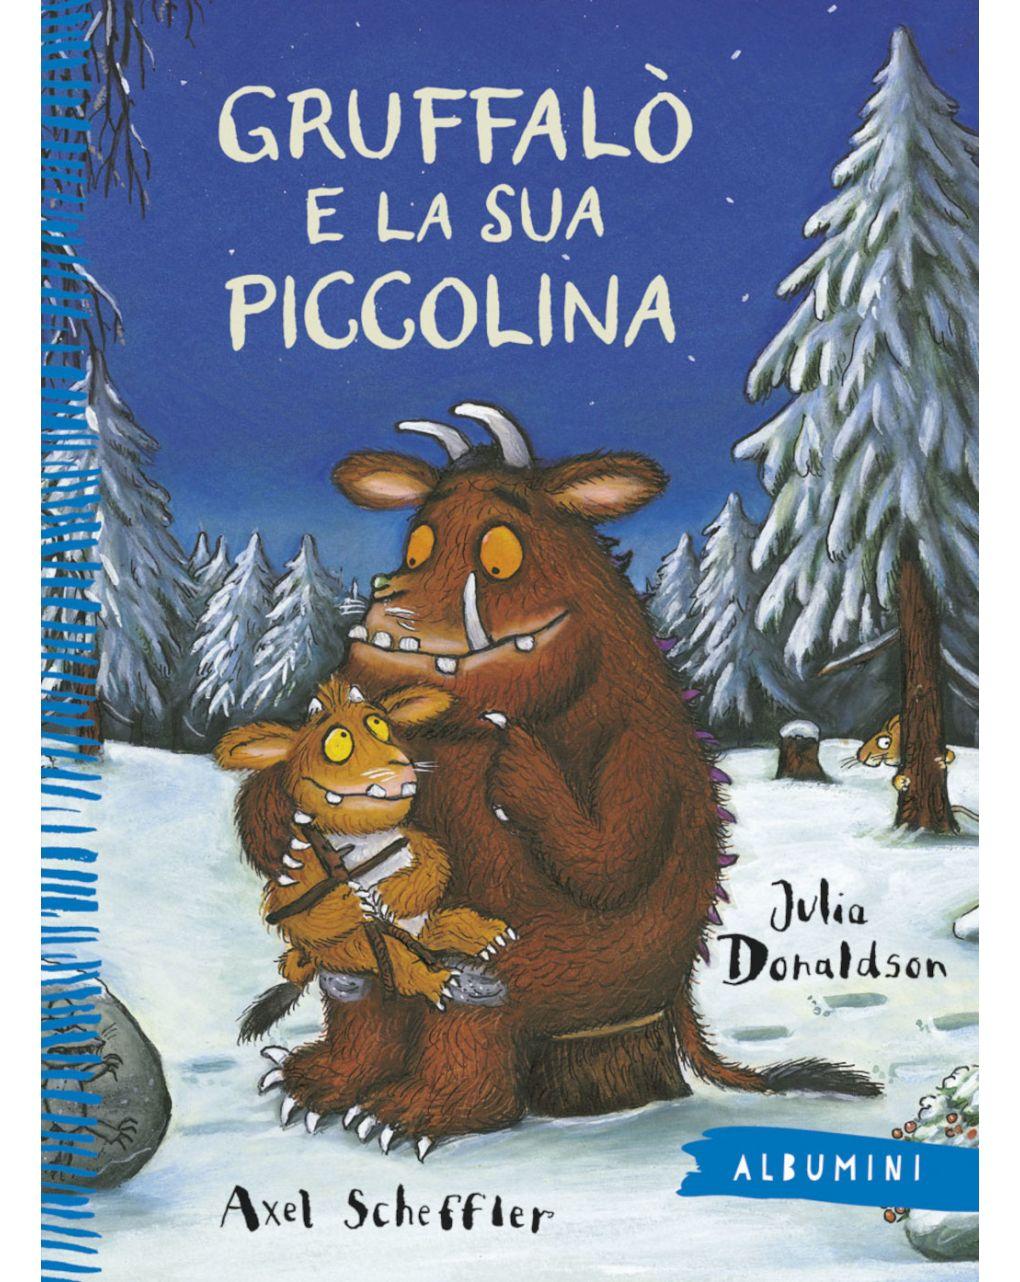 Albumini - gruffalò e la sua piccolina - Edizioni EL